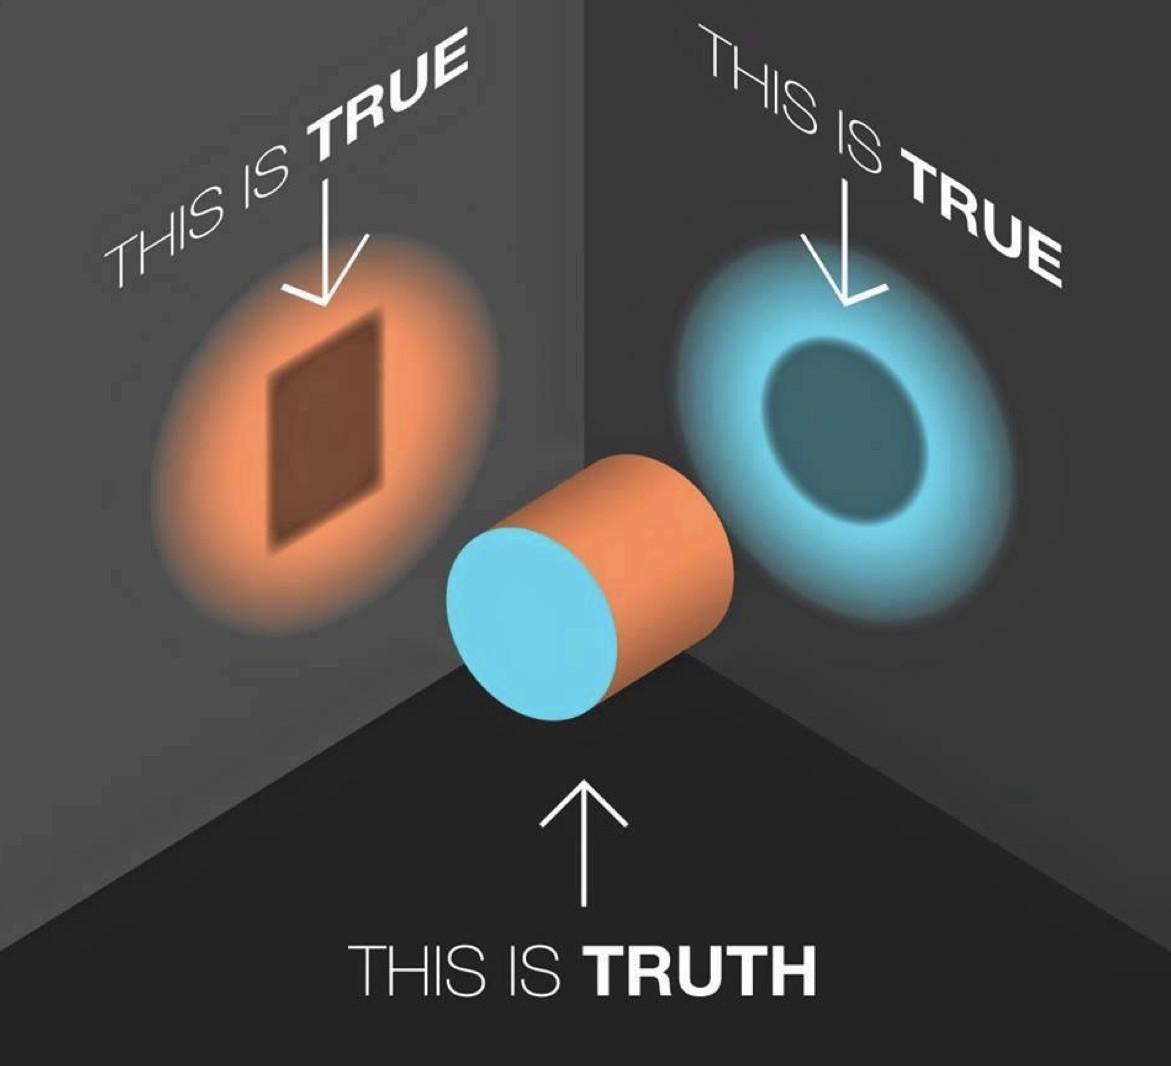 La verità che libera